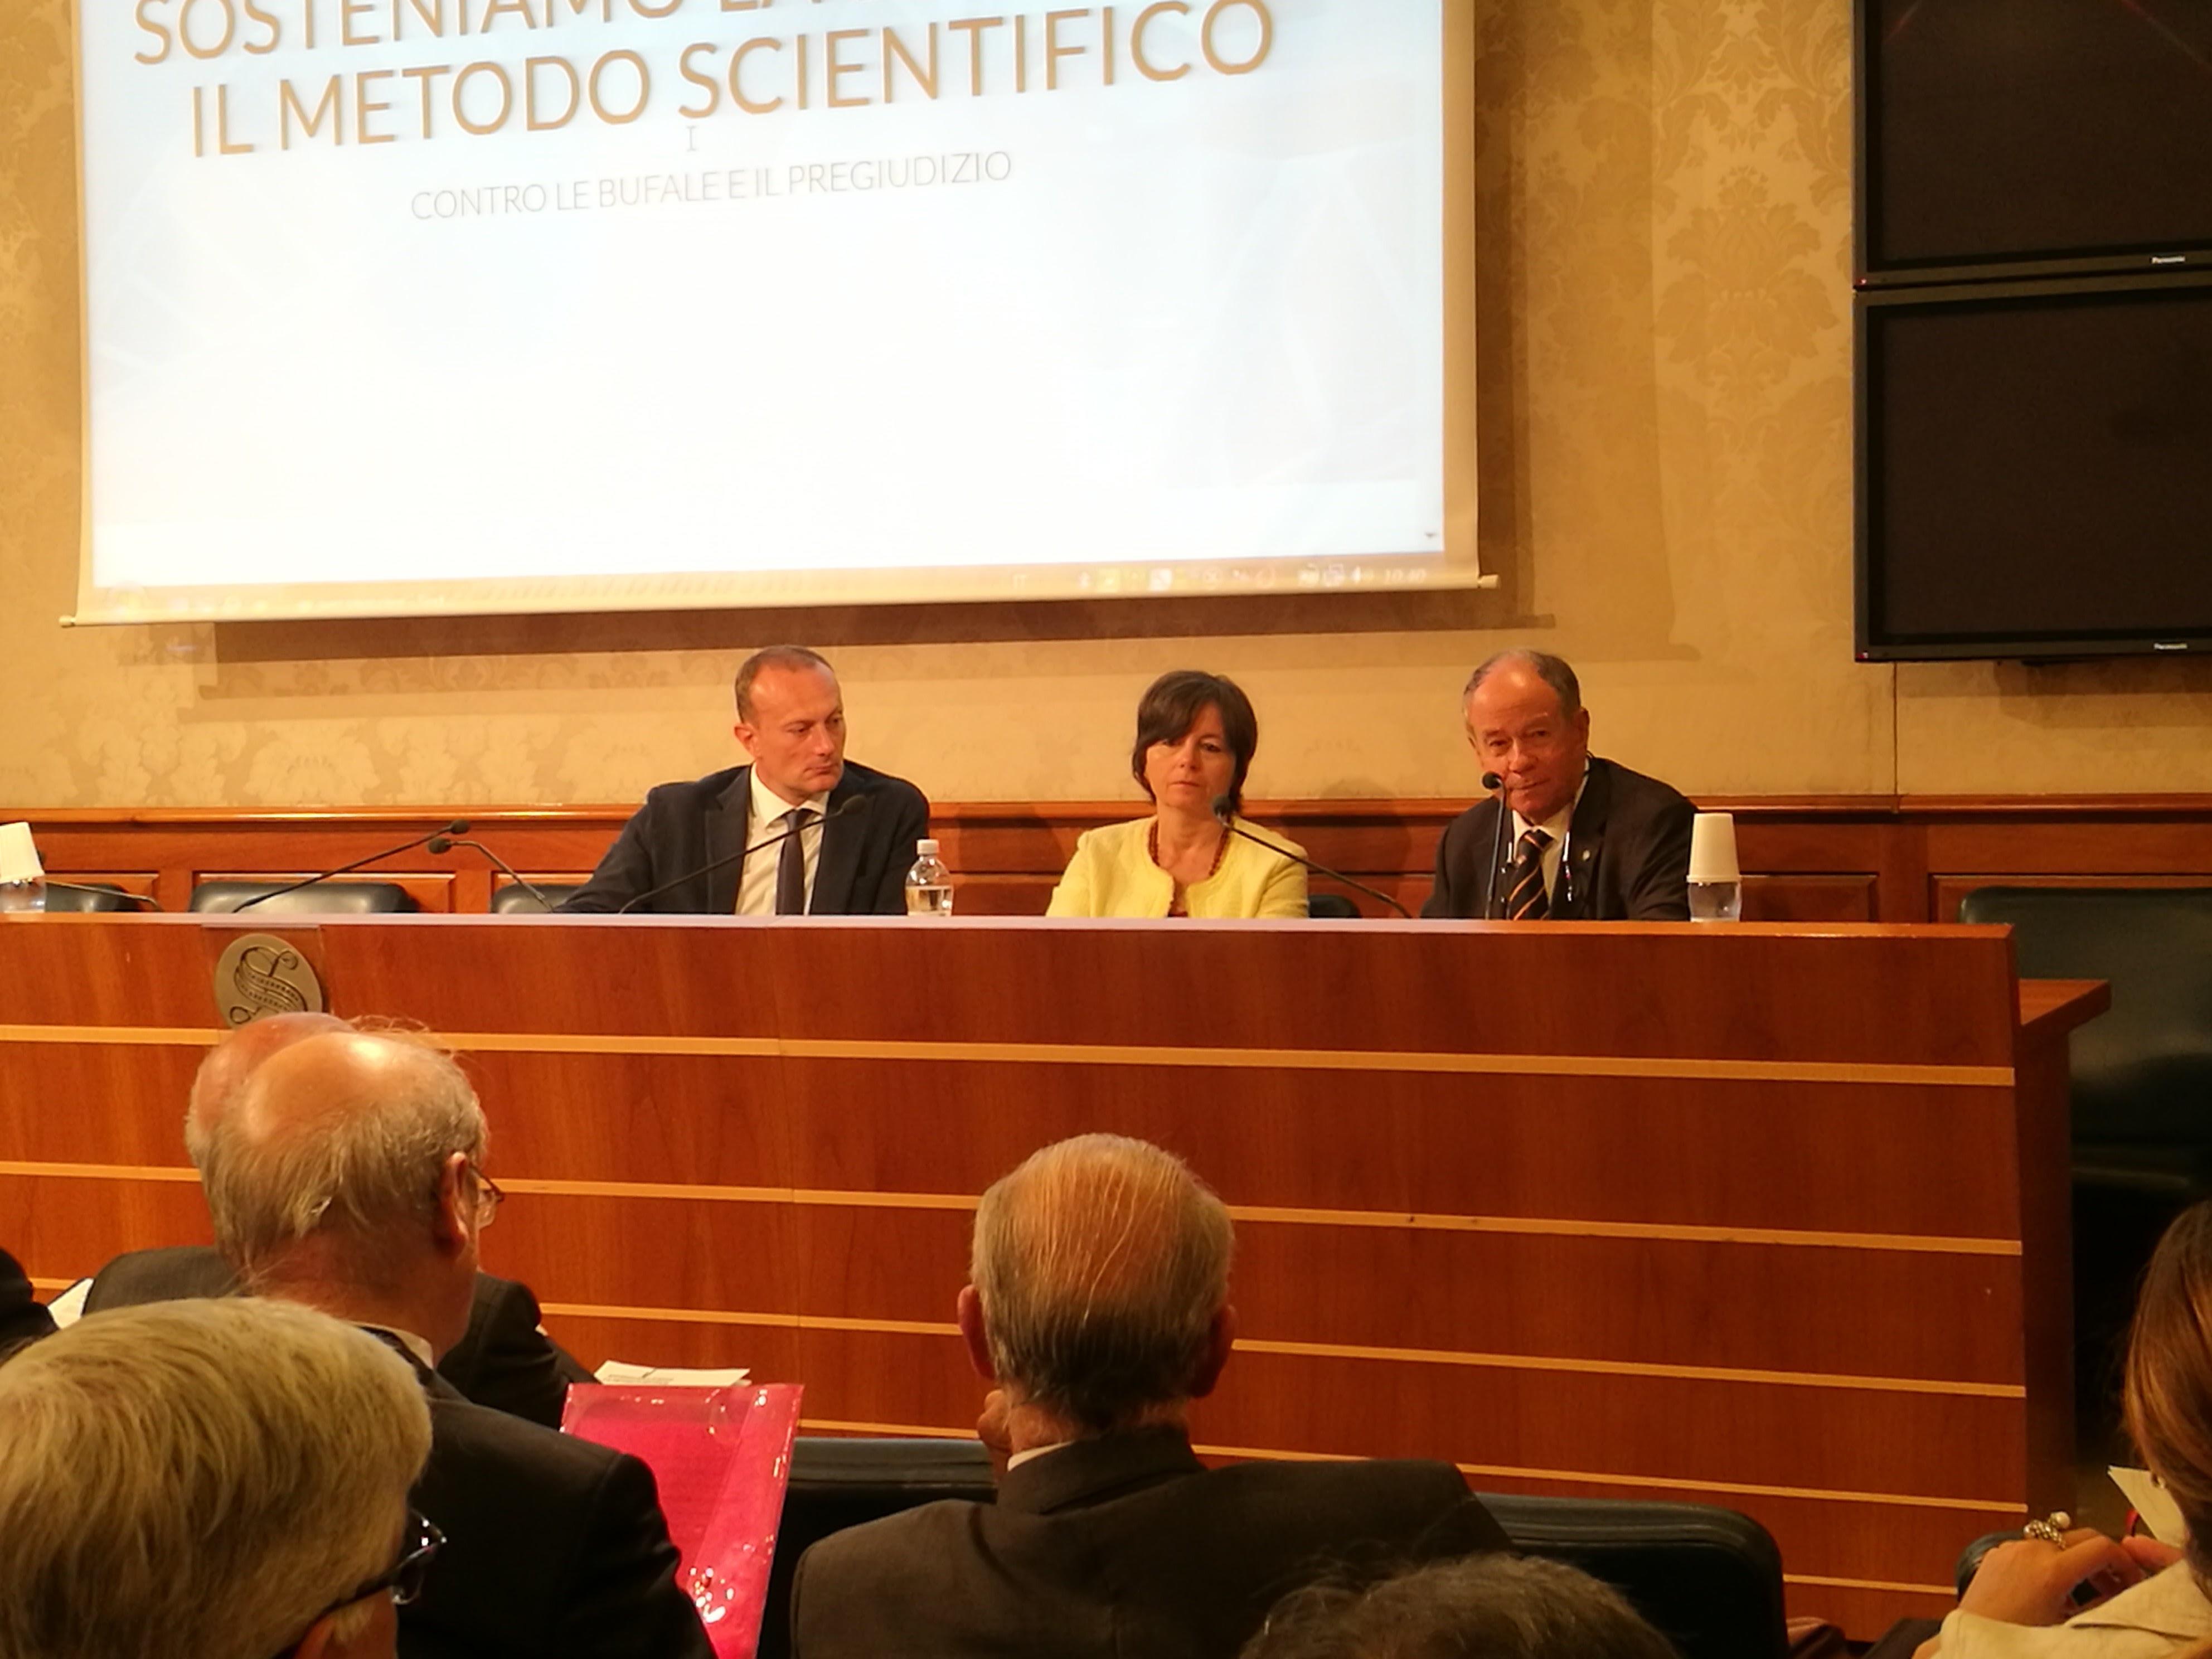 """Sosteniamo la Scienza e il Metodo Scientifico: Presentato oggi in Senato, l'appello """"Per Conoscere"""""""